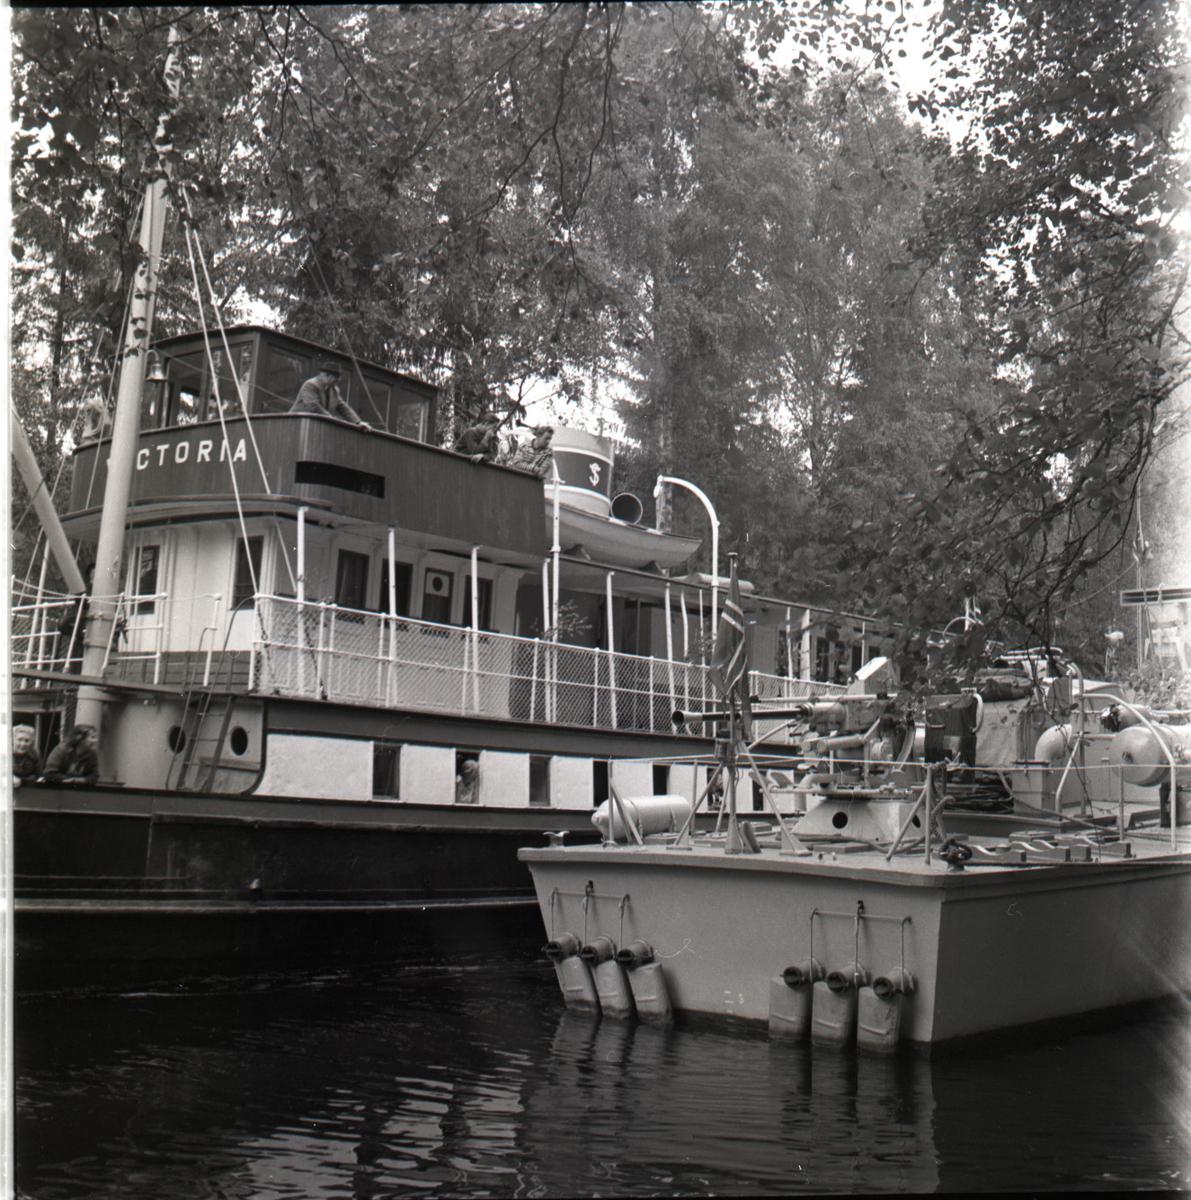 Samlefoto: Elco-klasse MTB-er gjennom Bandak-kanalen i juli 1953. Kanalbåten Victoria.